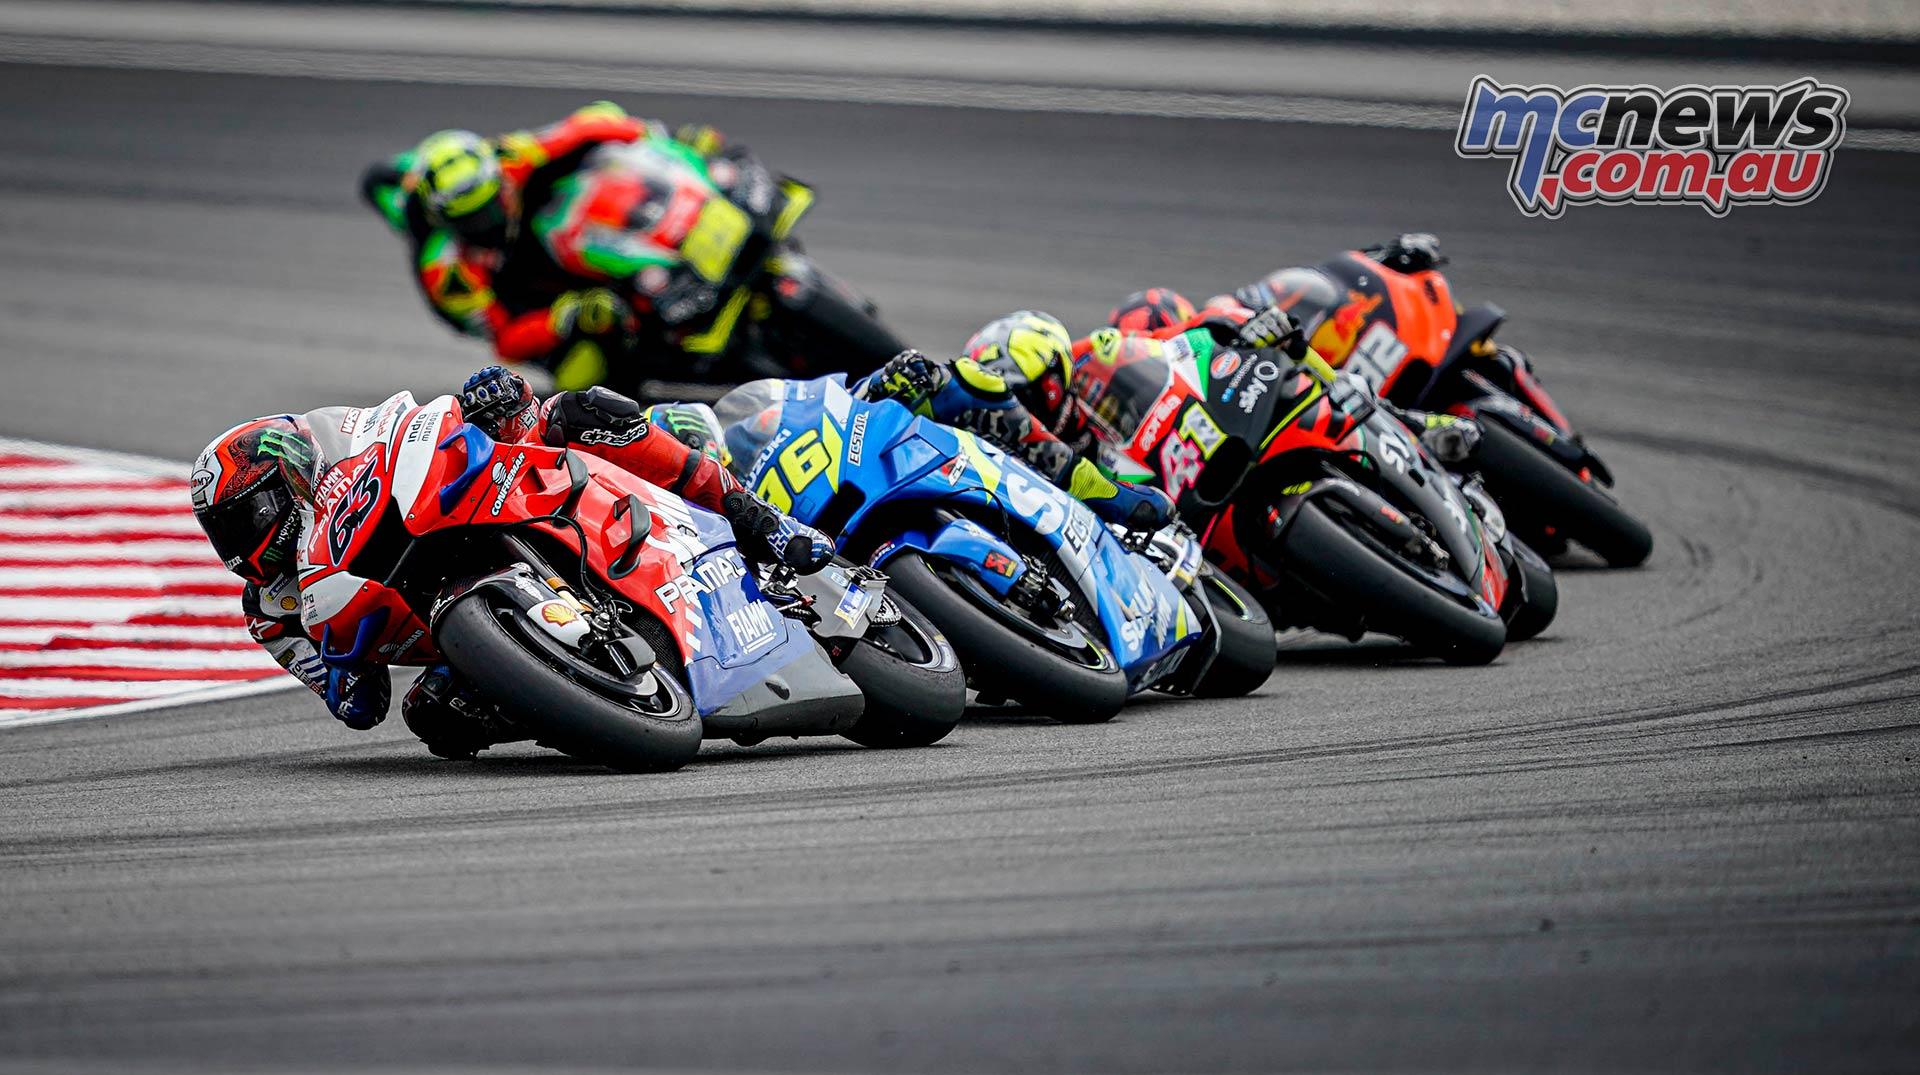 MotoGP Rnd Malaysia Bagnaia Mir Aleix